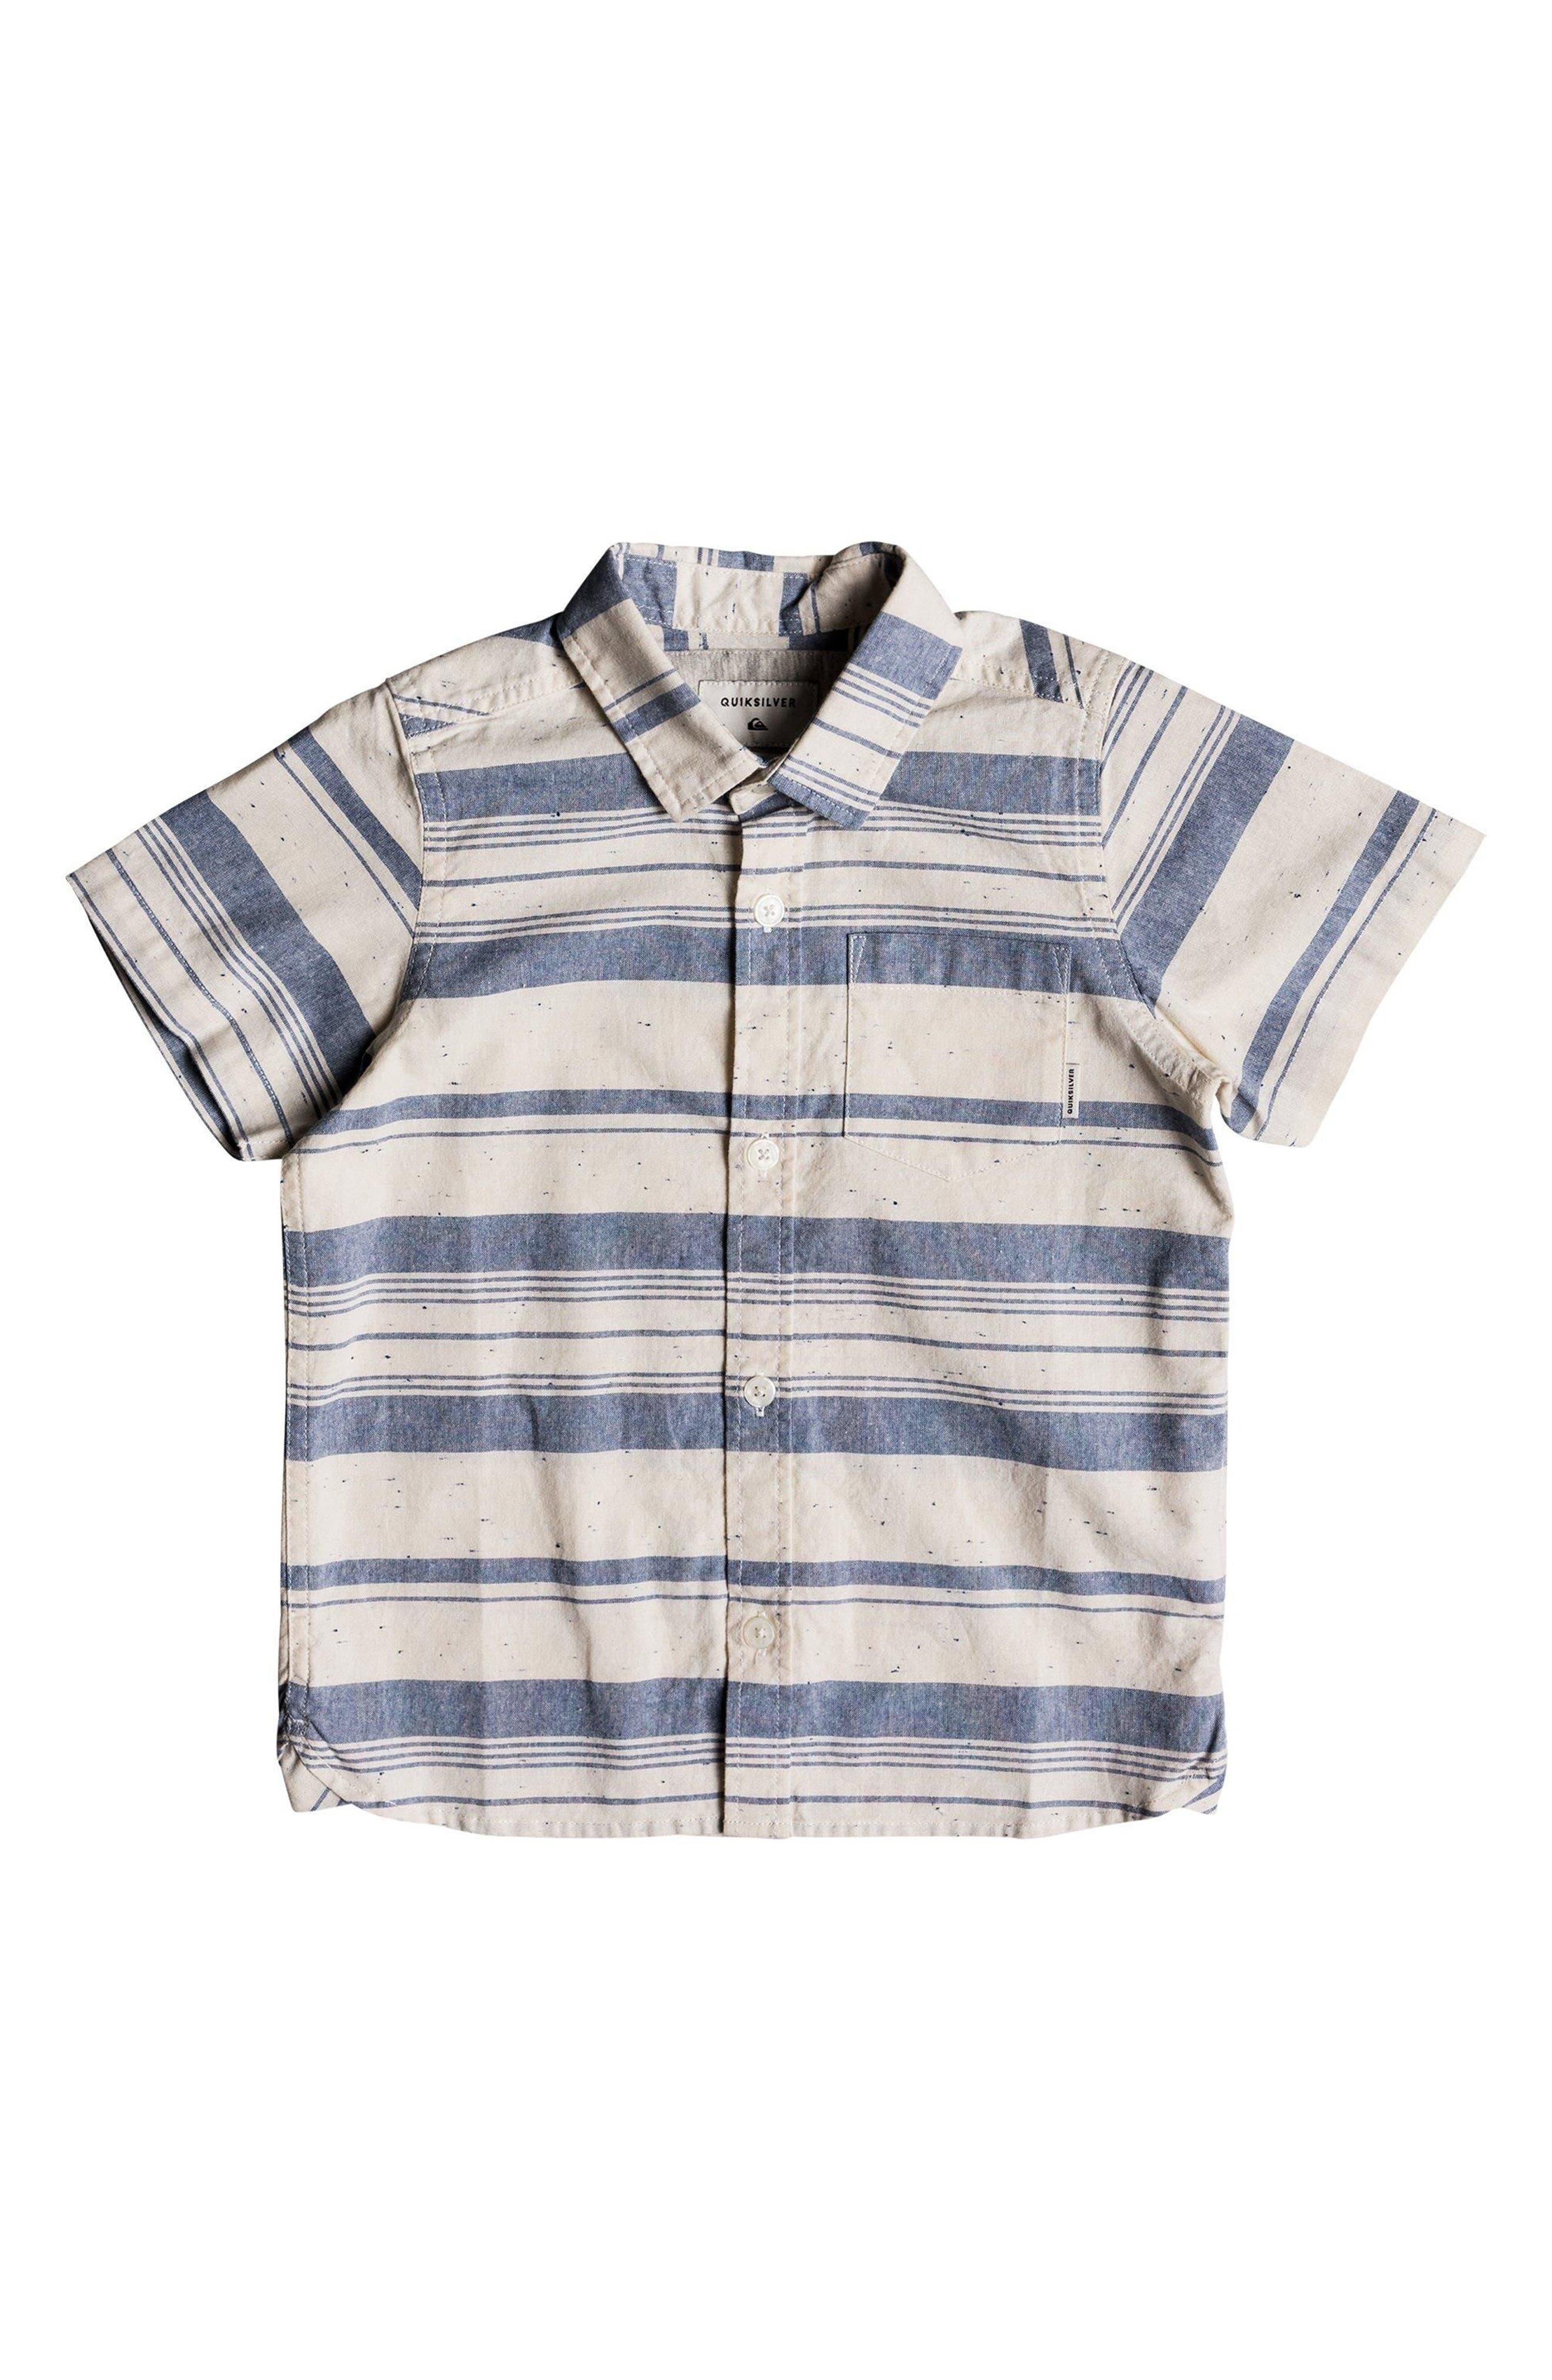 Quiksilver Good Wall Woven Shirt (Toddler Boys & Little Boys)